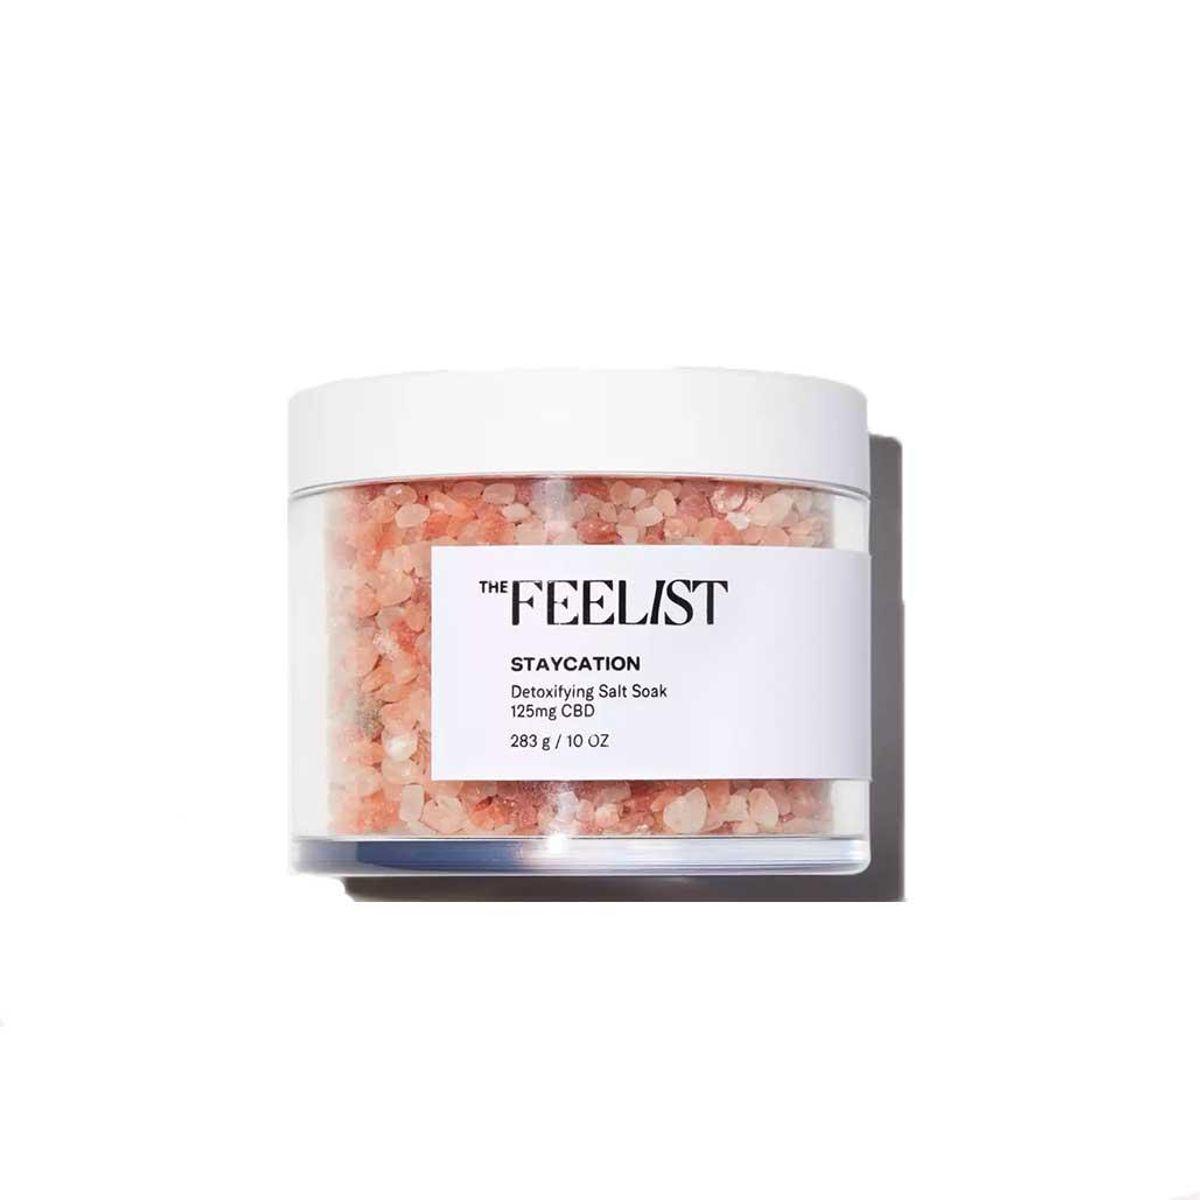 the feelist staycation detoxifying salt soak